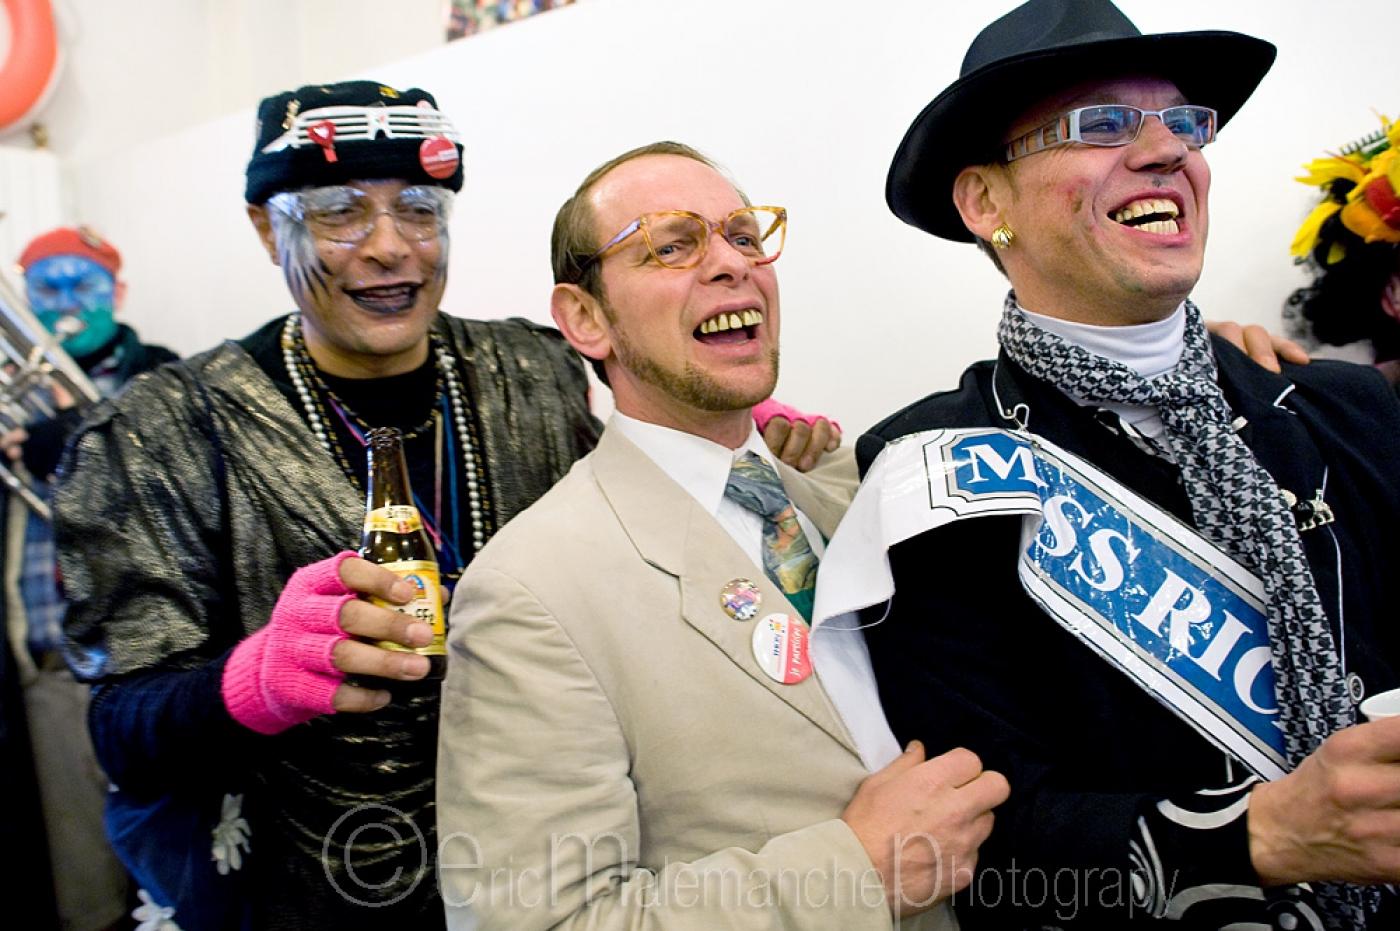 http://www.ericmalemanche.com/imagess/topics/carnaval-de-dunkerque/liste/Carnaval-Dunkerque-0292.jpg